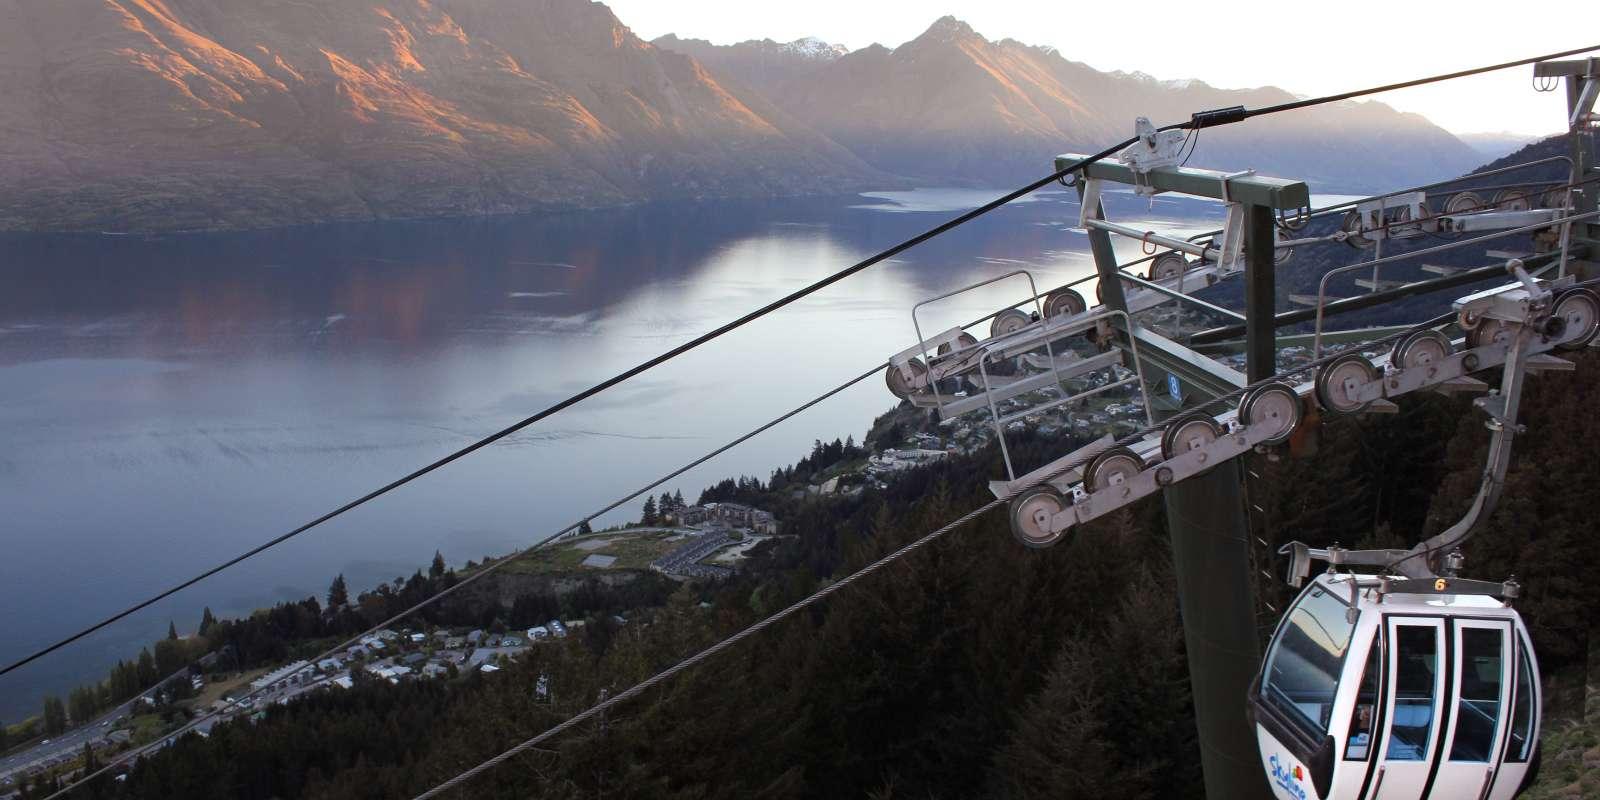 The Skyline Gondola at sunset